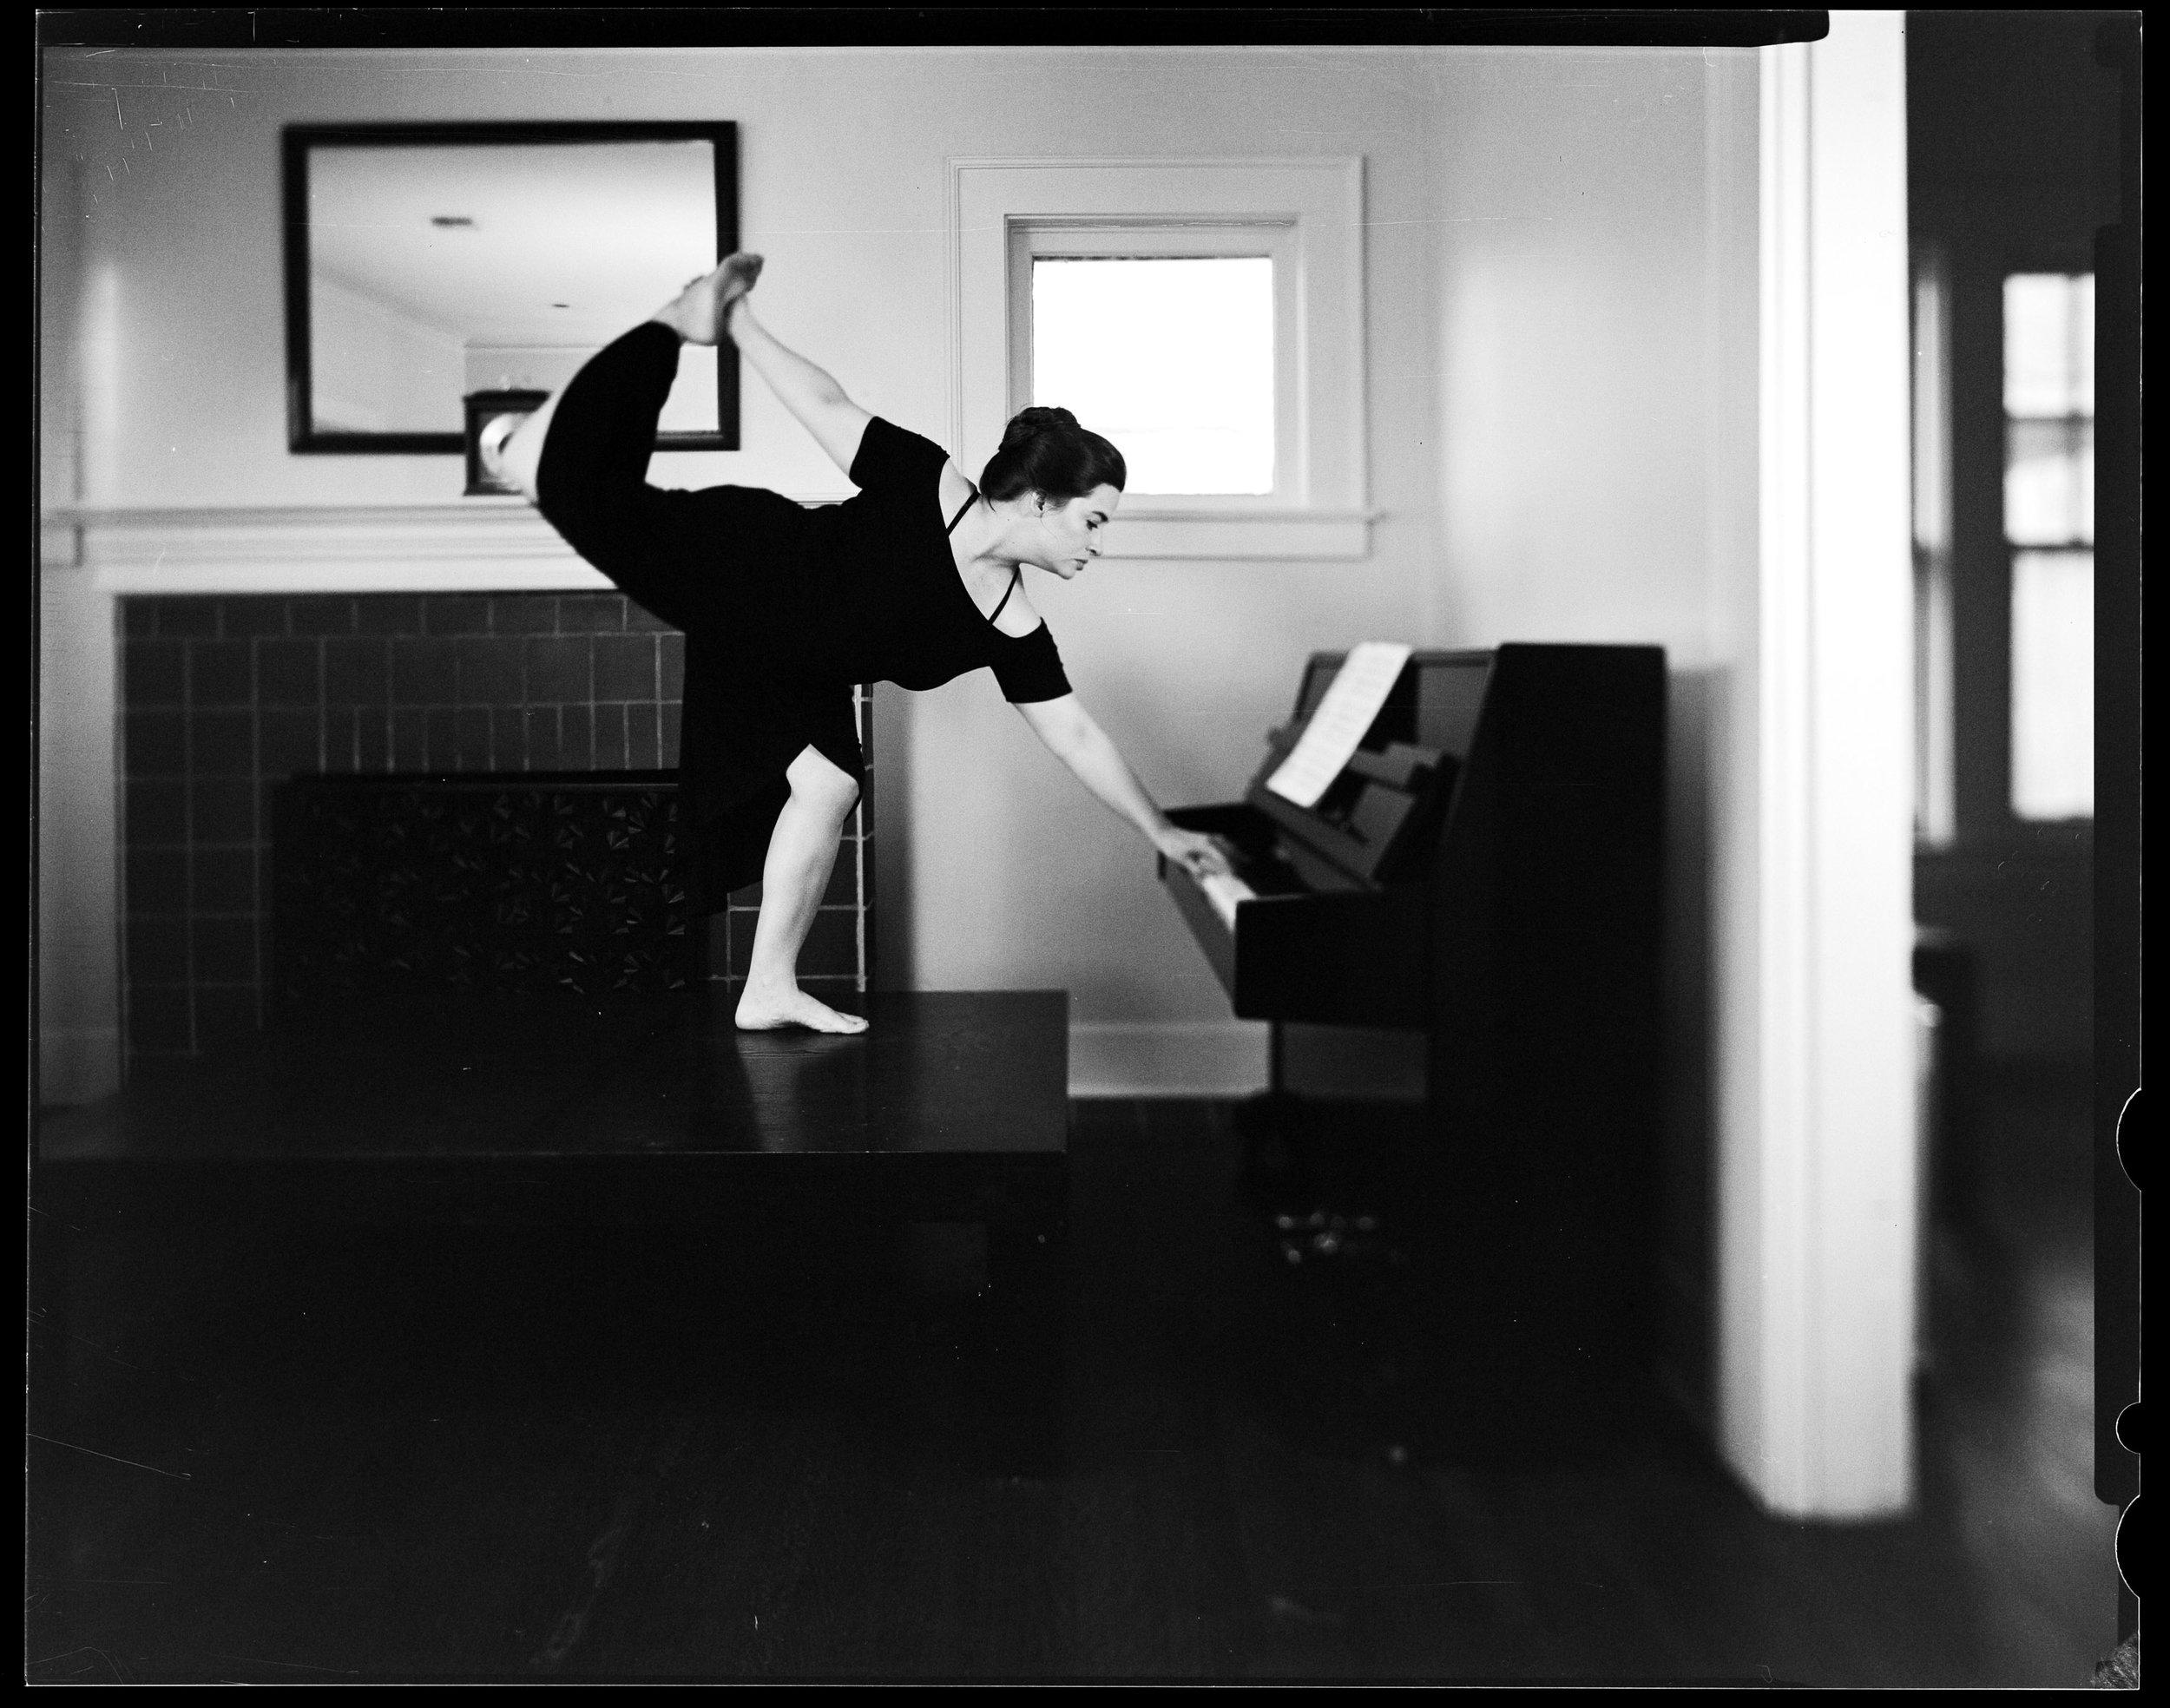 Piano Yoga